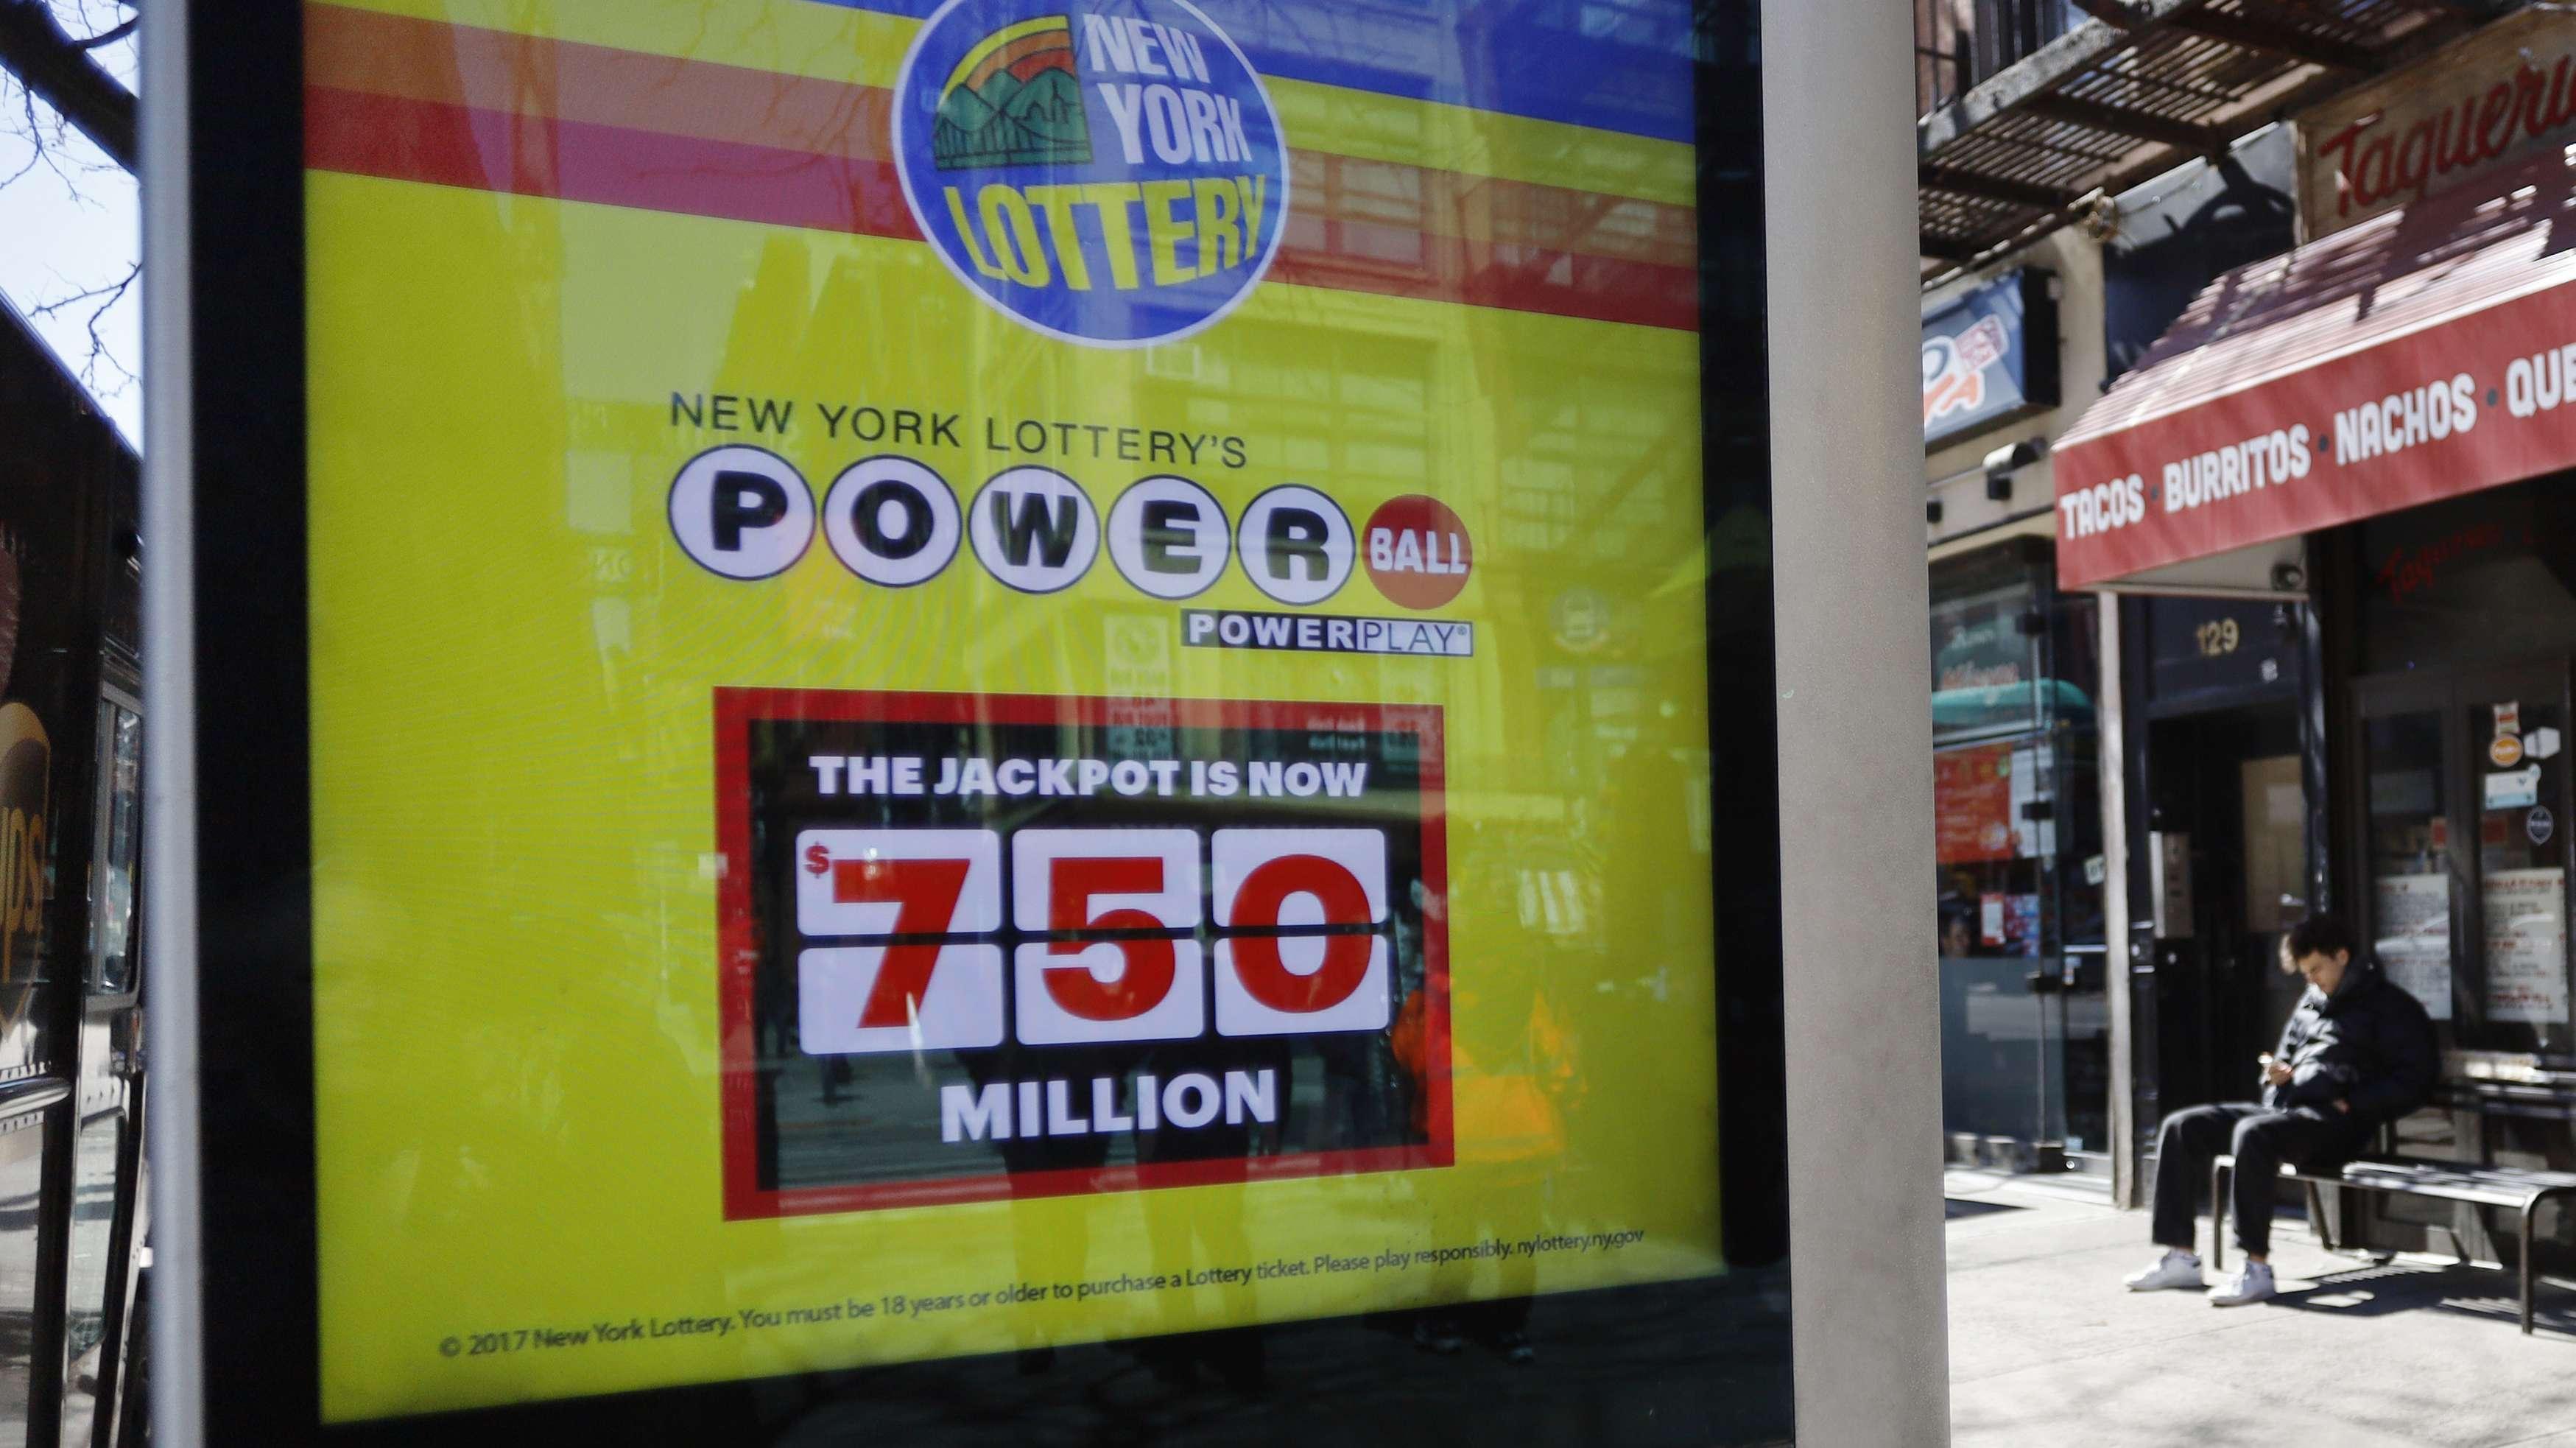 Hinweisschild auf den Jackpot der Powerball-Lotterie